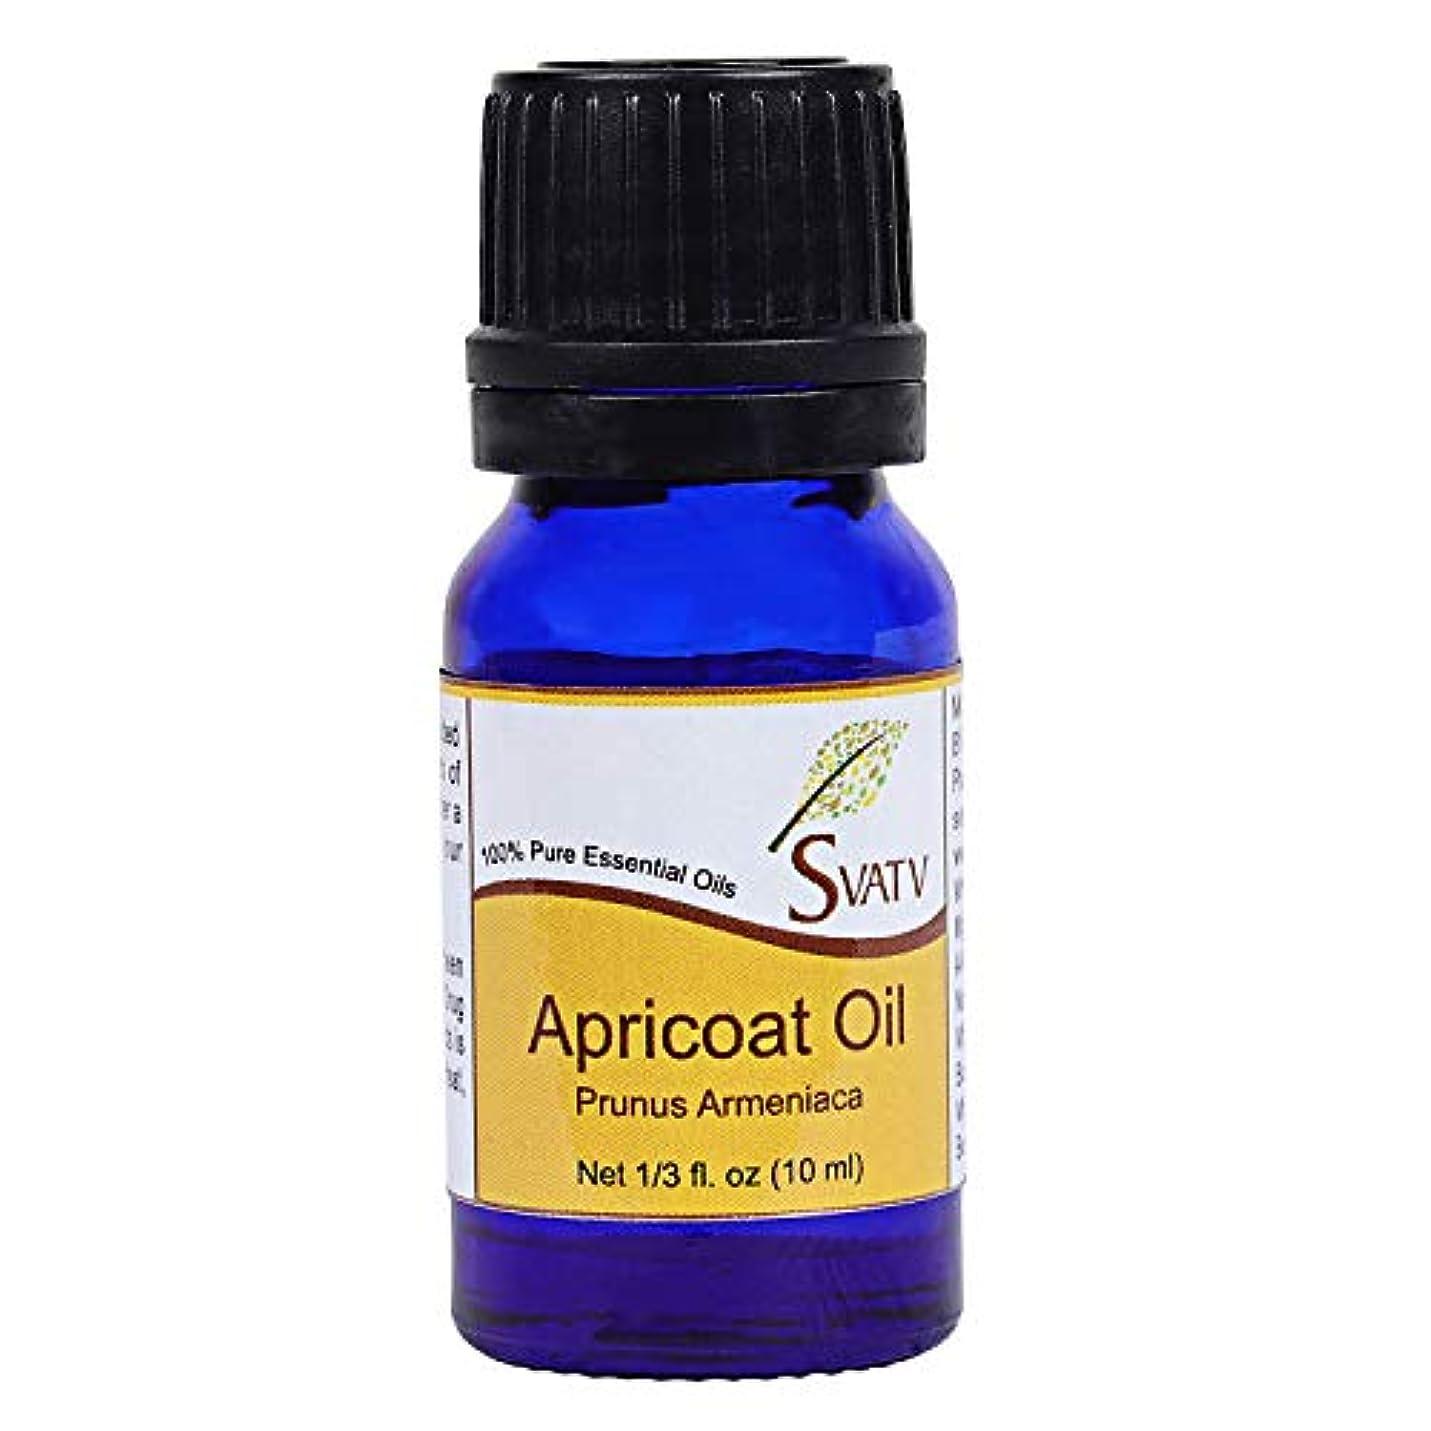 炭水化物メガロポリス科学者SVATV Apricot (Prunus Armeniaca) Essential Oil 10 mL (1/3 oz) Therapeutic Grade, Aromatherapy Essential Oil